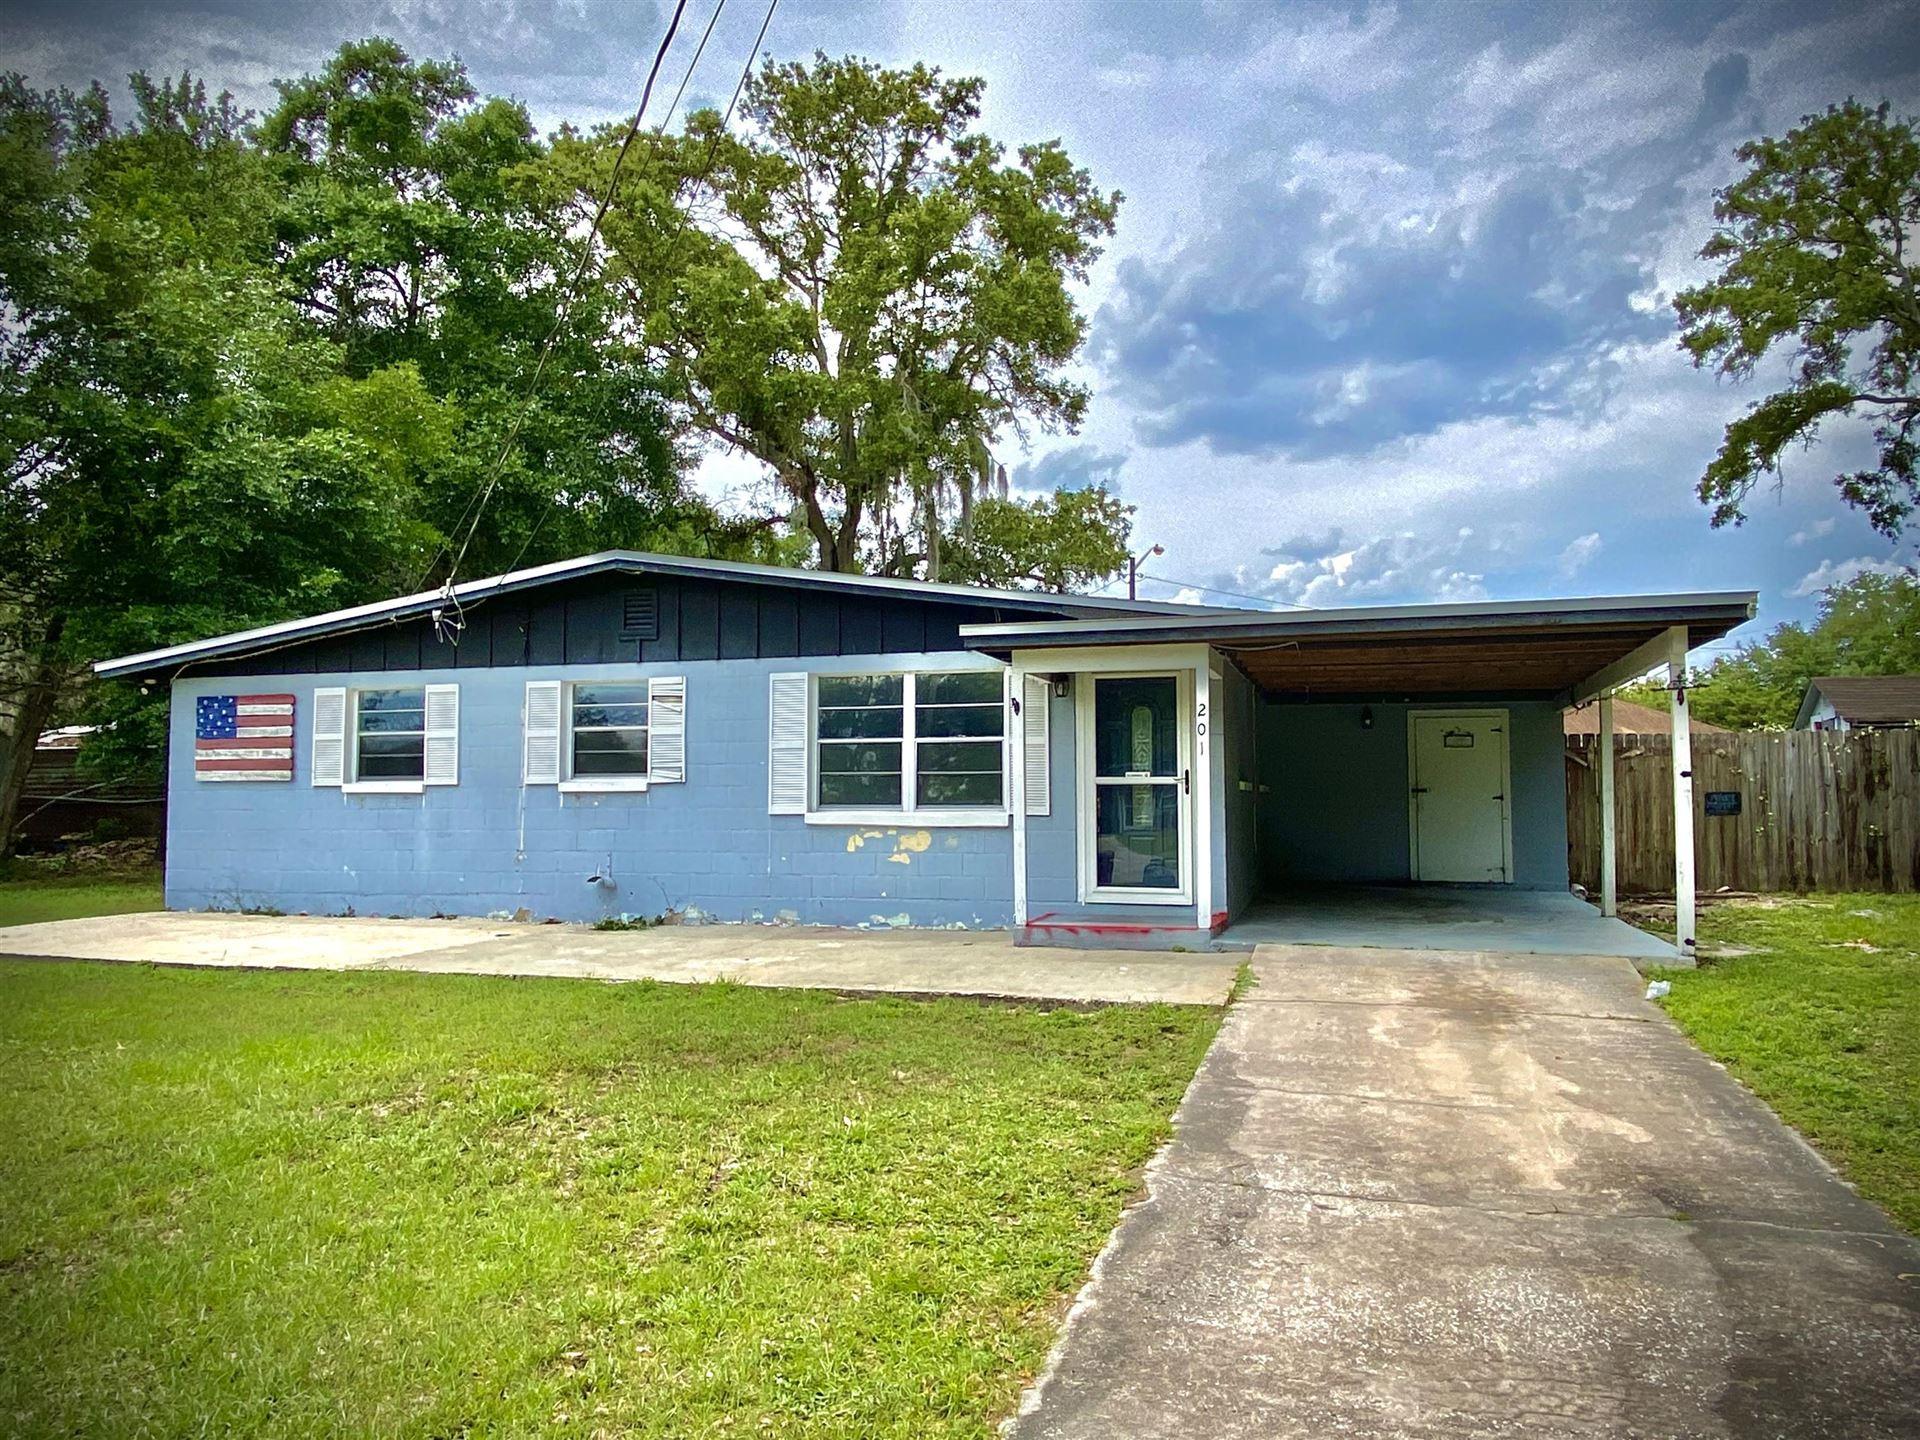 201 HILLTOP DR, Orange Park, FL 32073 - MLS#: 1109673